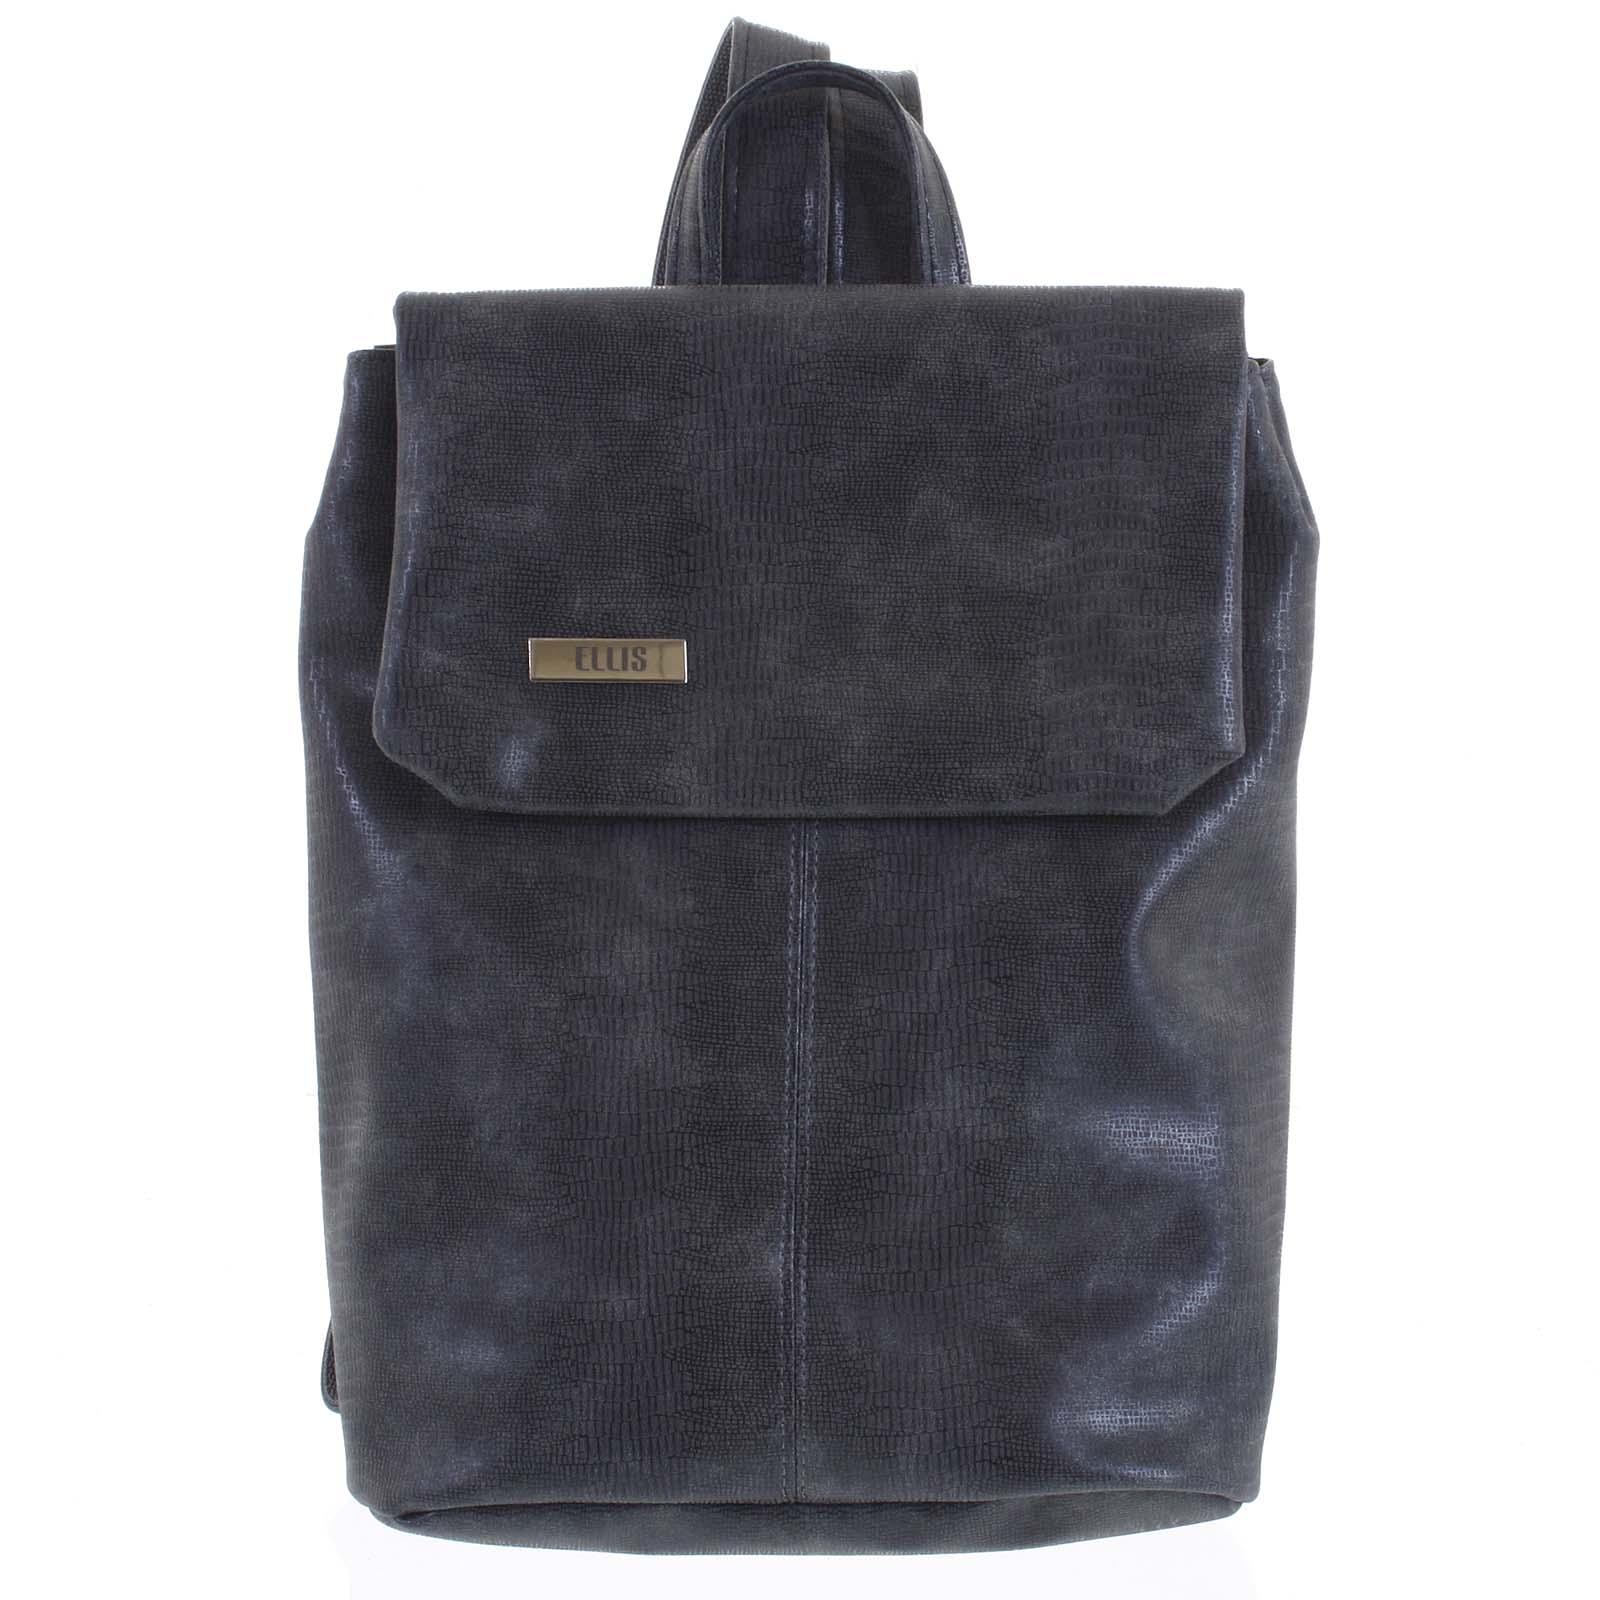 Větší měkký dámský moderní tmavě šedý batoh - Ellis Elizabeth  šedá